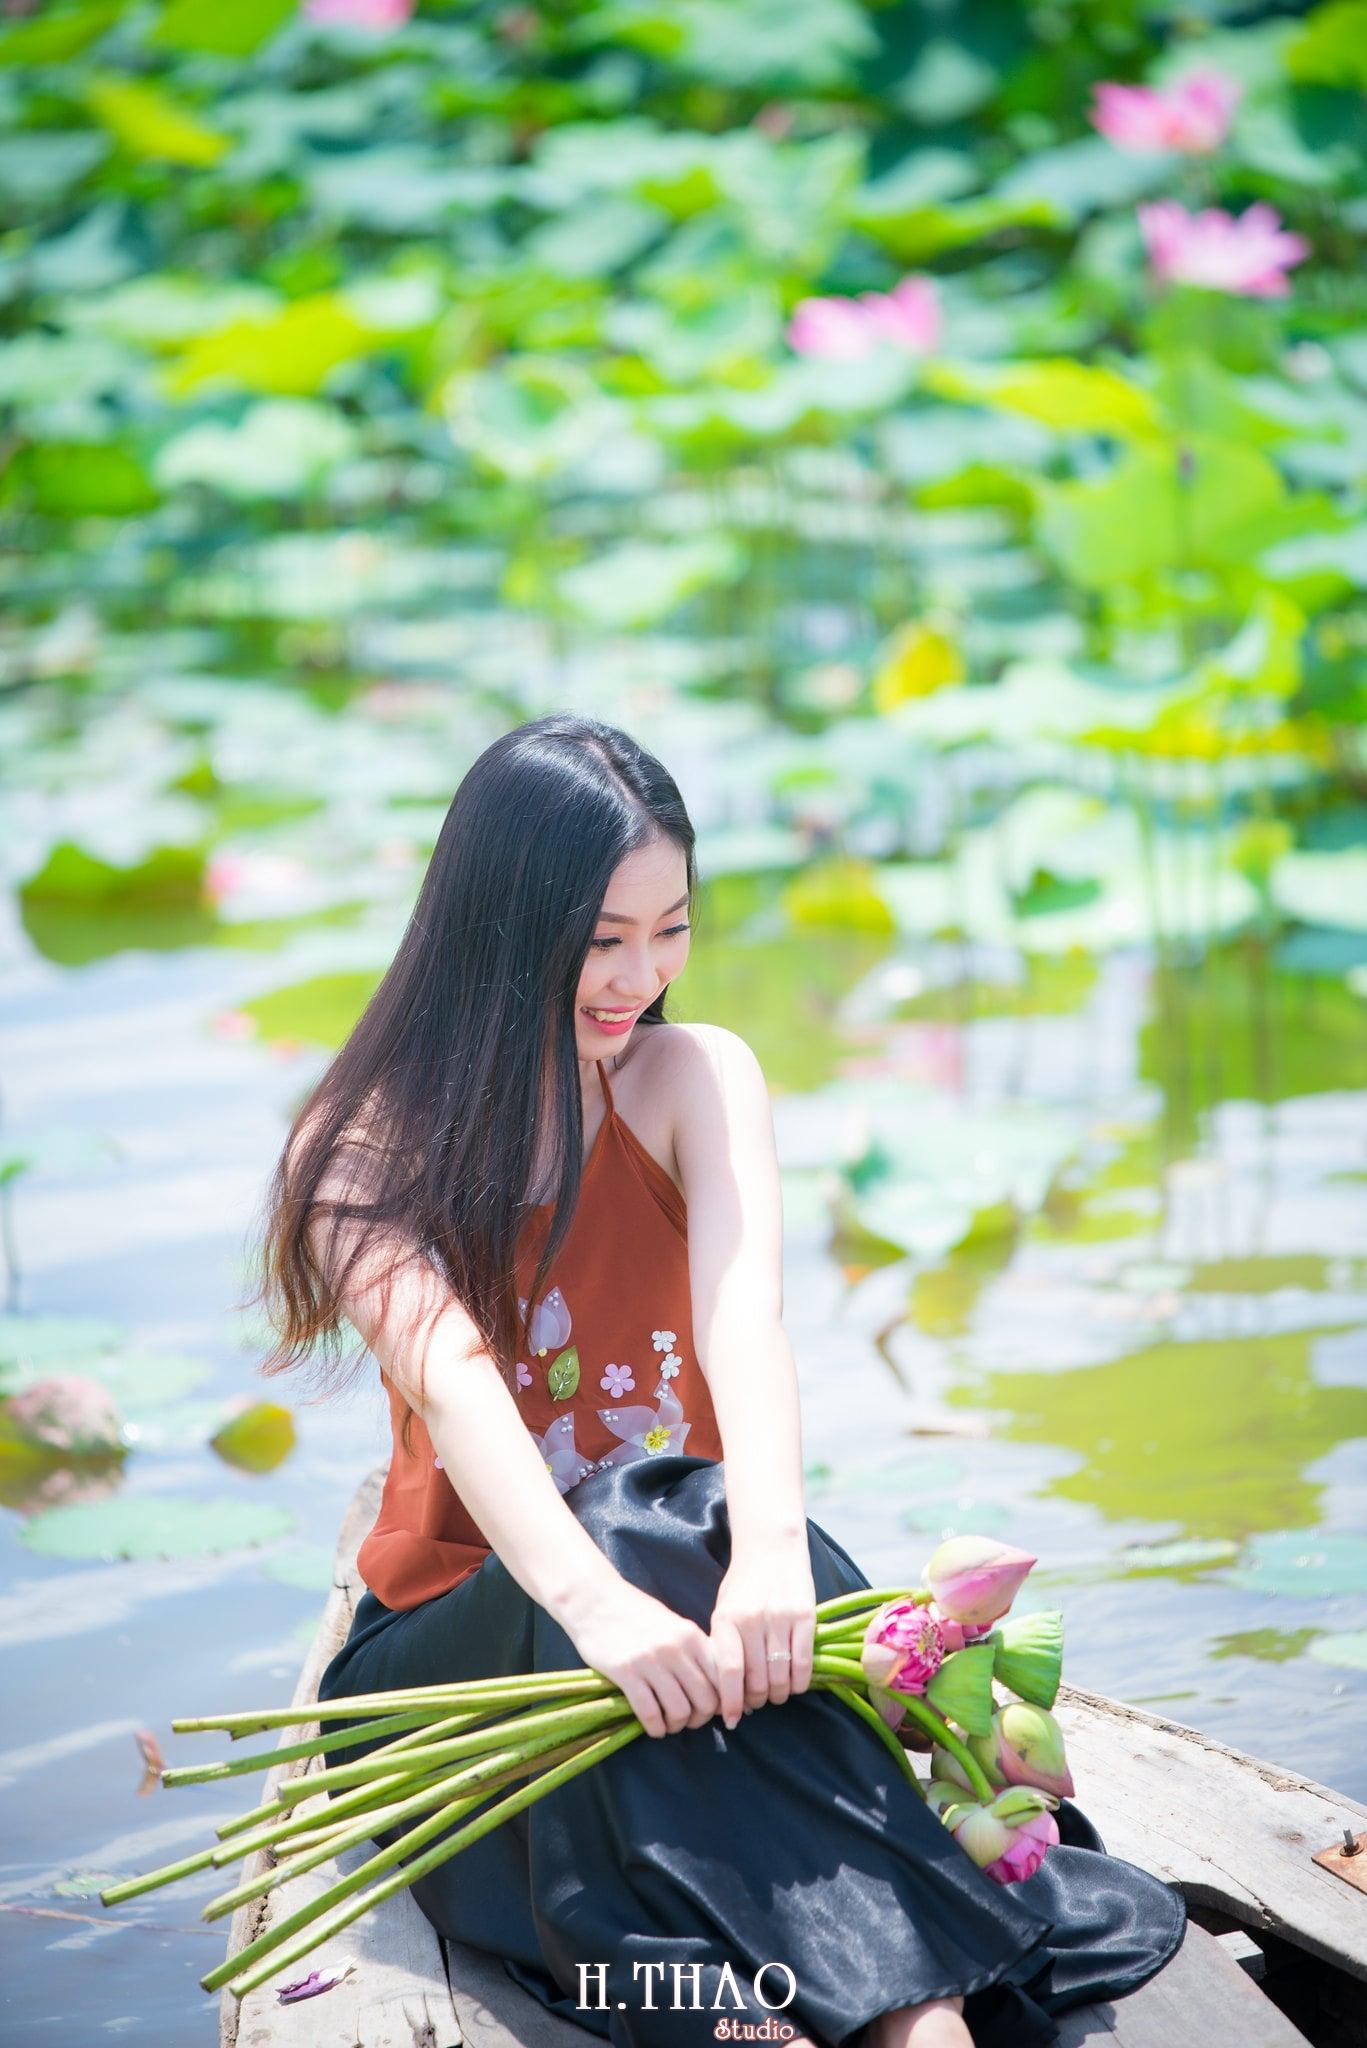 ao yem hoa sen 8 - Album ảnh chụp áo yếm với hoa sen đẹp dịu dàng - HThao Studio